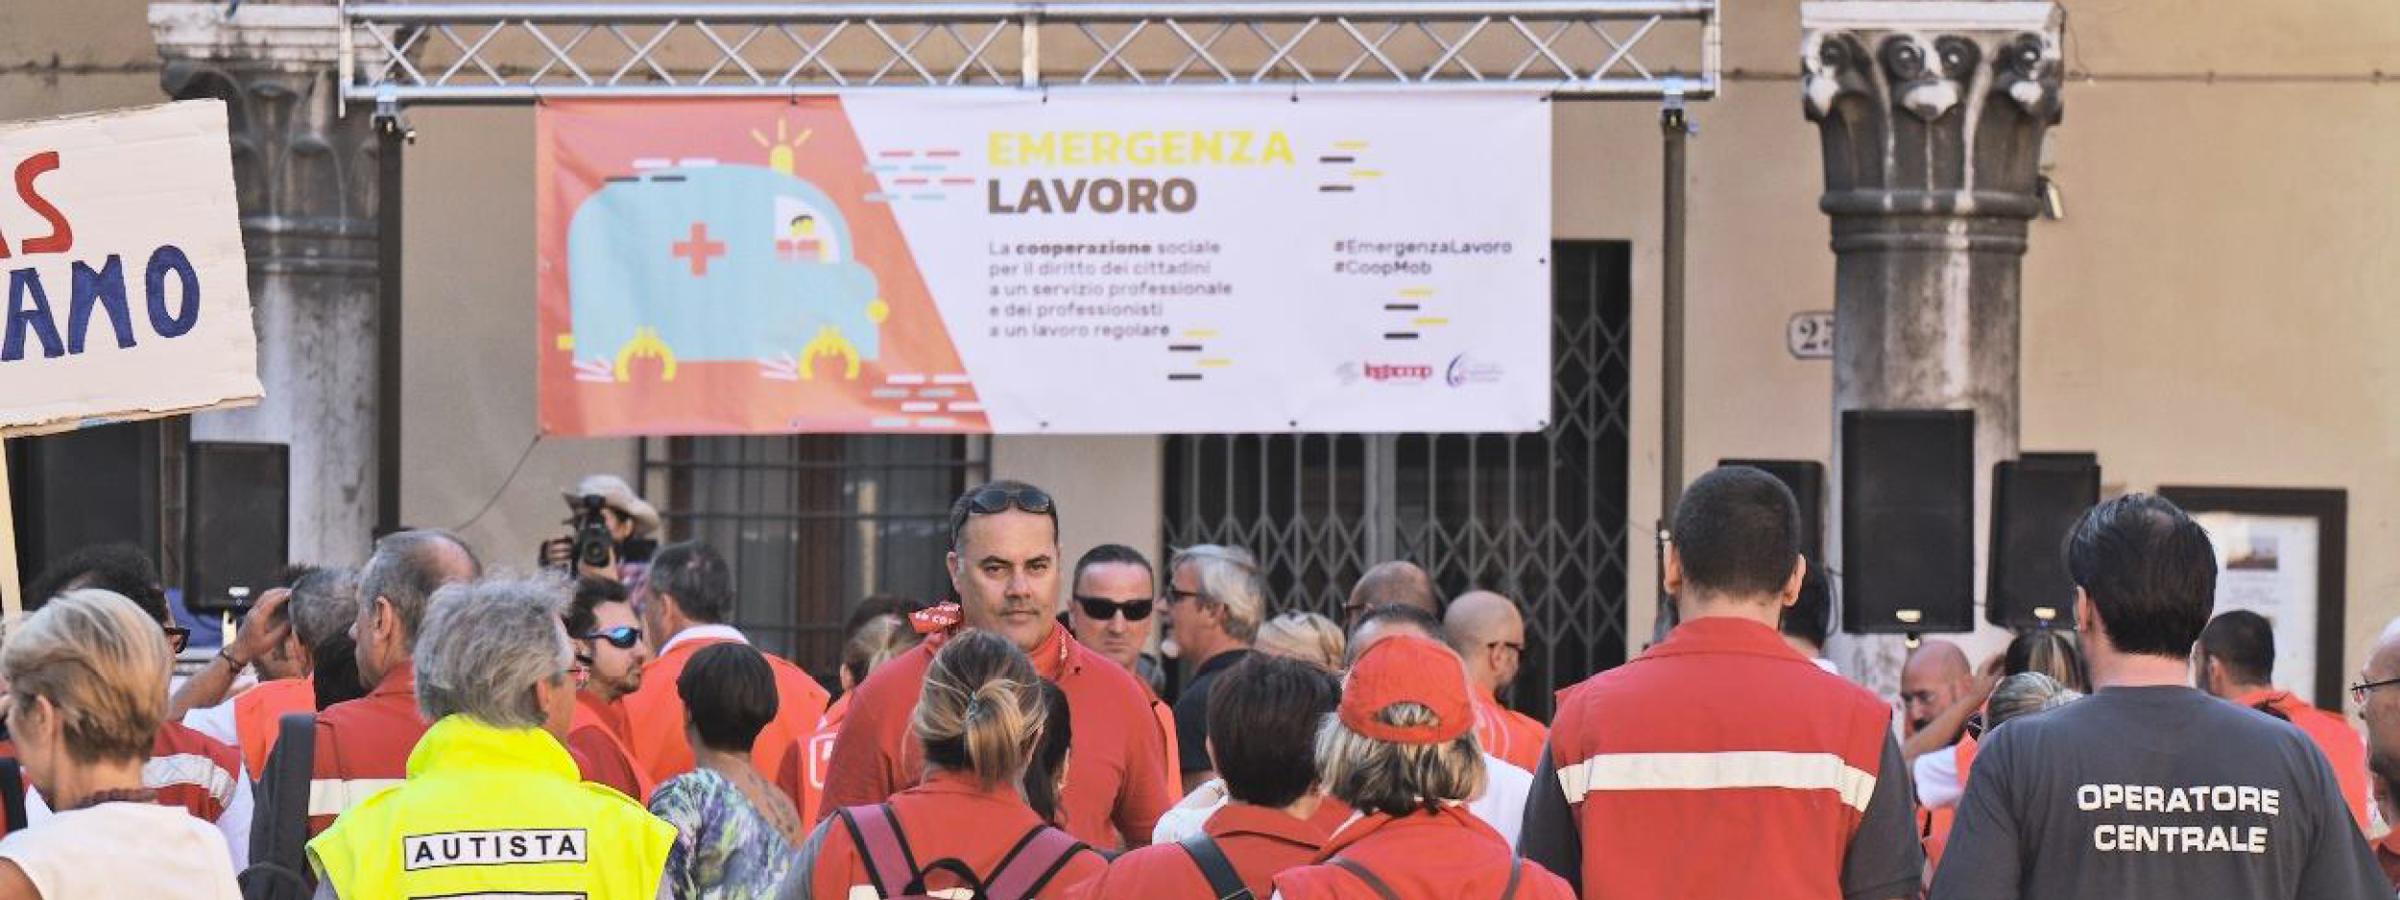 LC-16_EMERGENZA-LAVORO_05